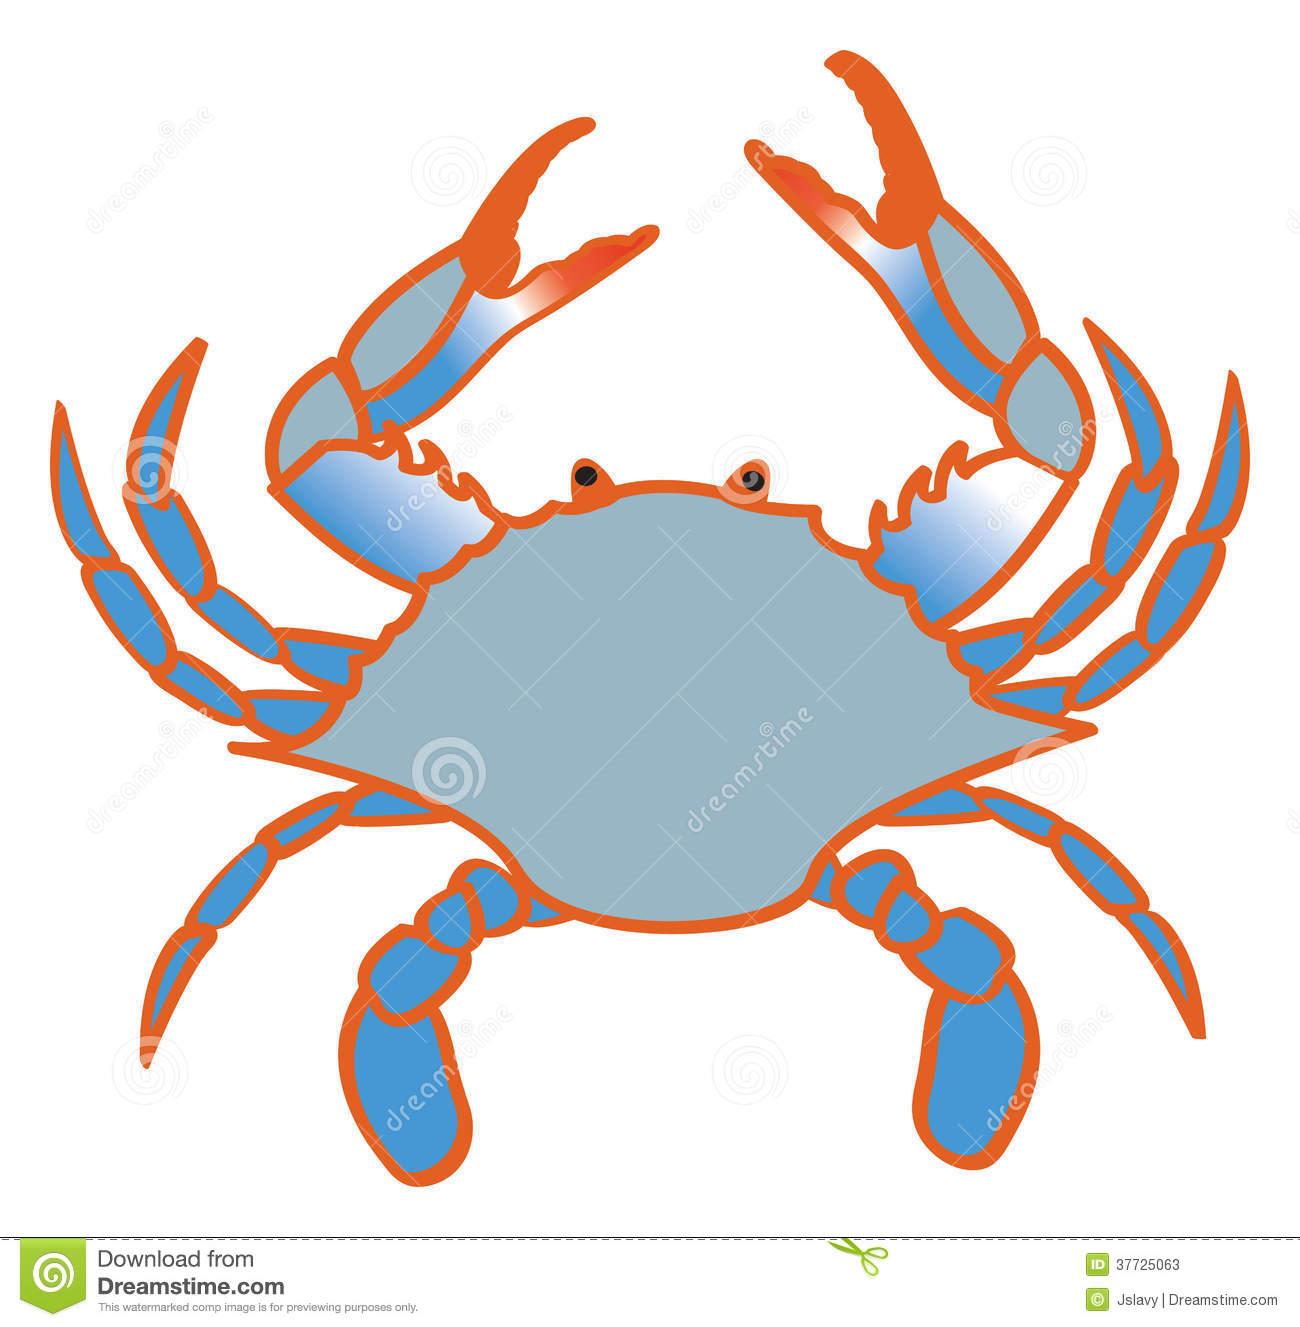 Blue crab clipart - .-Blue crab clipart - .-15